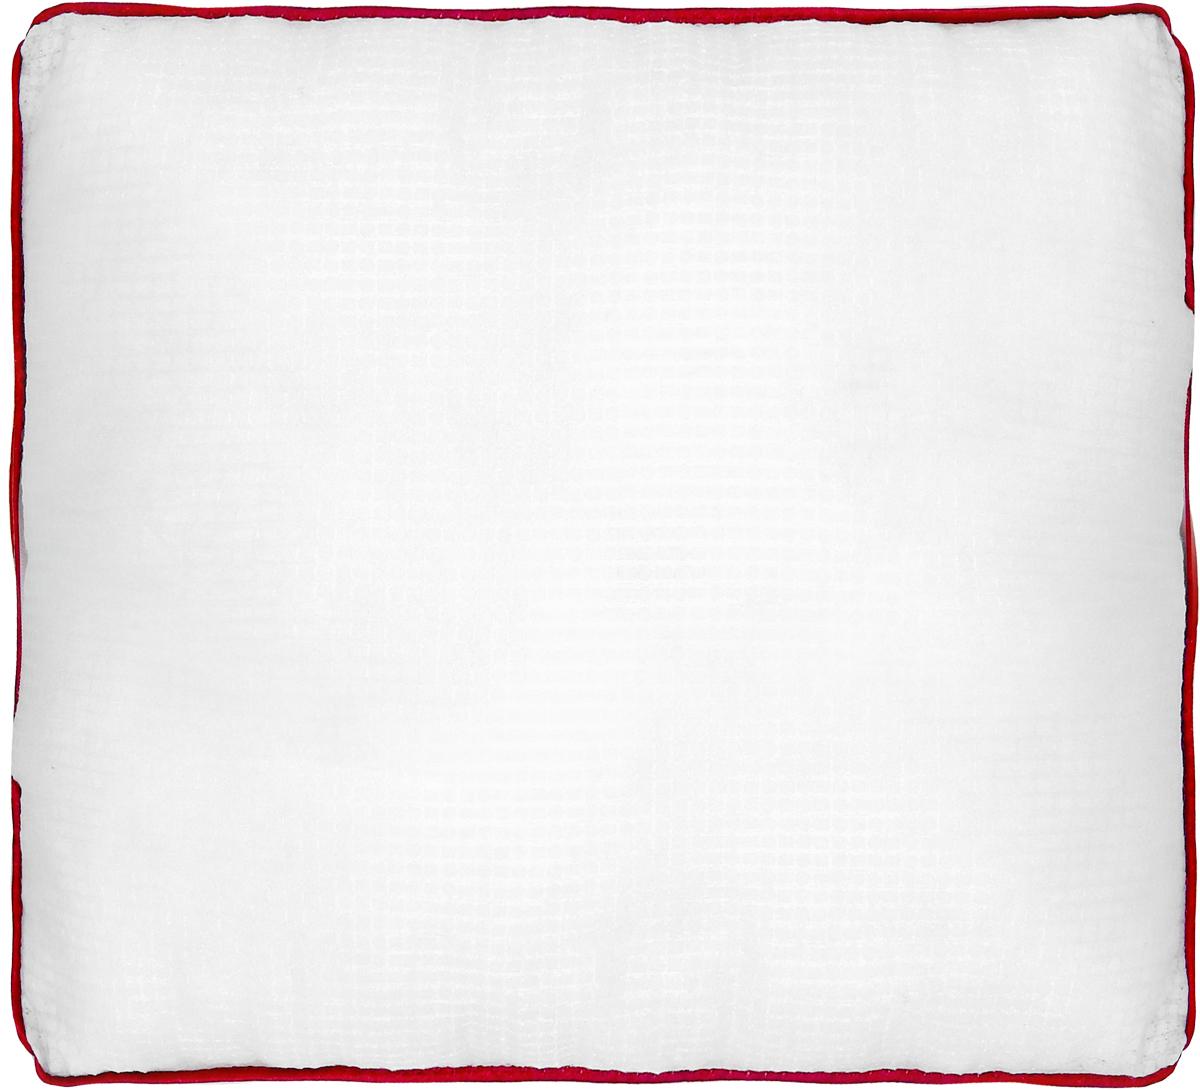 Подушка Smart Textile Невесомость, наполнитель: бамбук, цвет: белый, 70 х 70 см. OU0201OU0201Компания Умный текстиль создала неповторимую подушку, которая совмещает в себе технологию Outlast и наполнитель с бамбуковым волокном. Эта подушка предотвращает переохлаждение и перегрев – чем отличается от аналогичных товаров. Подушки мягкие, легкие и воздушные, а бамбуковый наполнитель напоминает вату или синтепон. Гипоаллергенное волокно бамбука легко пропускает воздух, не вызывает потливости. Оно мгновенно впитывает влагу и быстро высыхает, что особенно важно в летний зной. Подушки упруги, великолепно держат форму, а также отличаются достаточной жесткостью. Сон на такой подушке не принесет болей в шее и позвоночнике. Подушки не накапливают запахов, не требуют химчистки. Они долговечны и прочны.